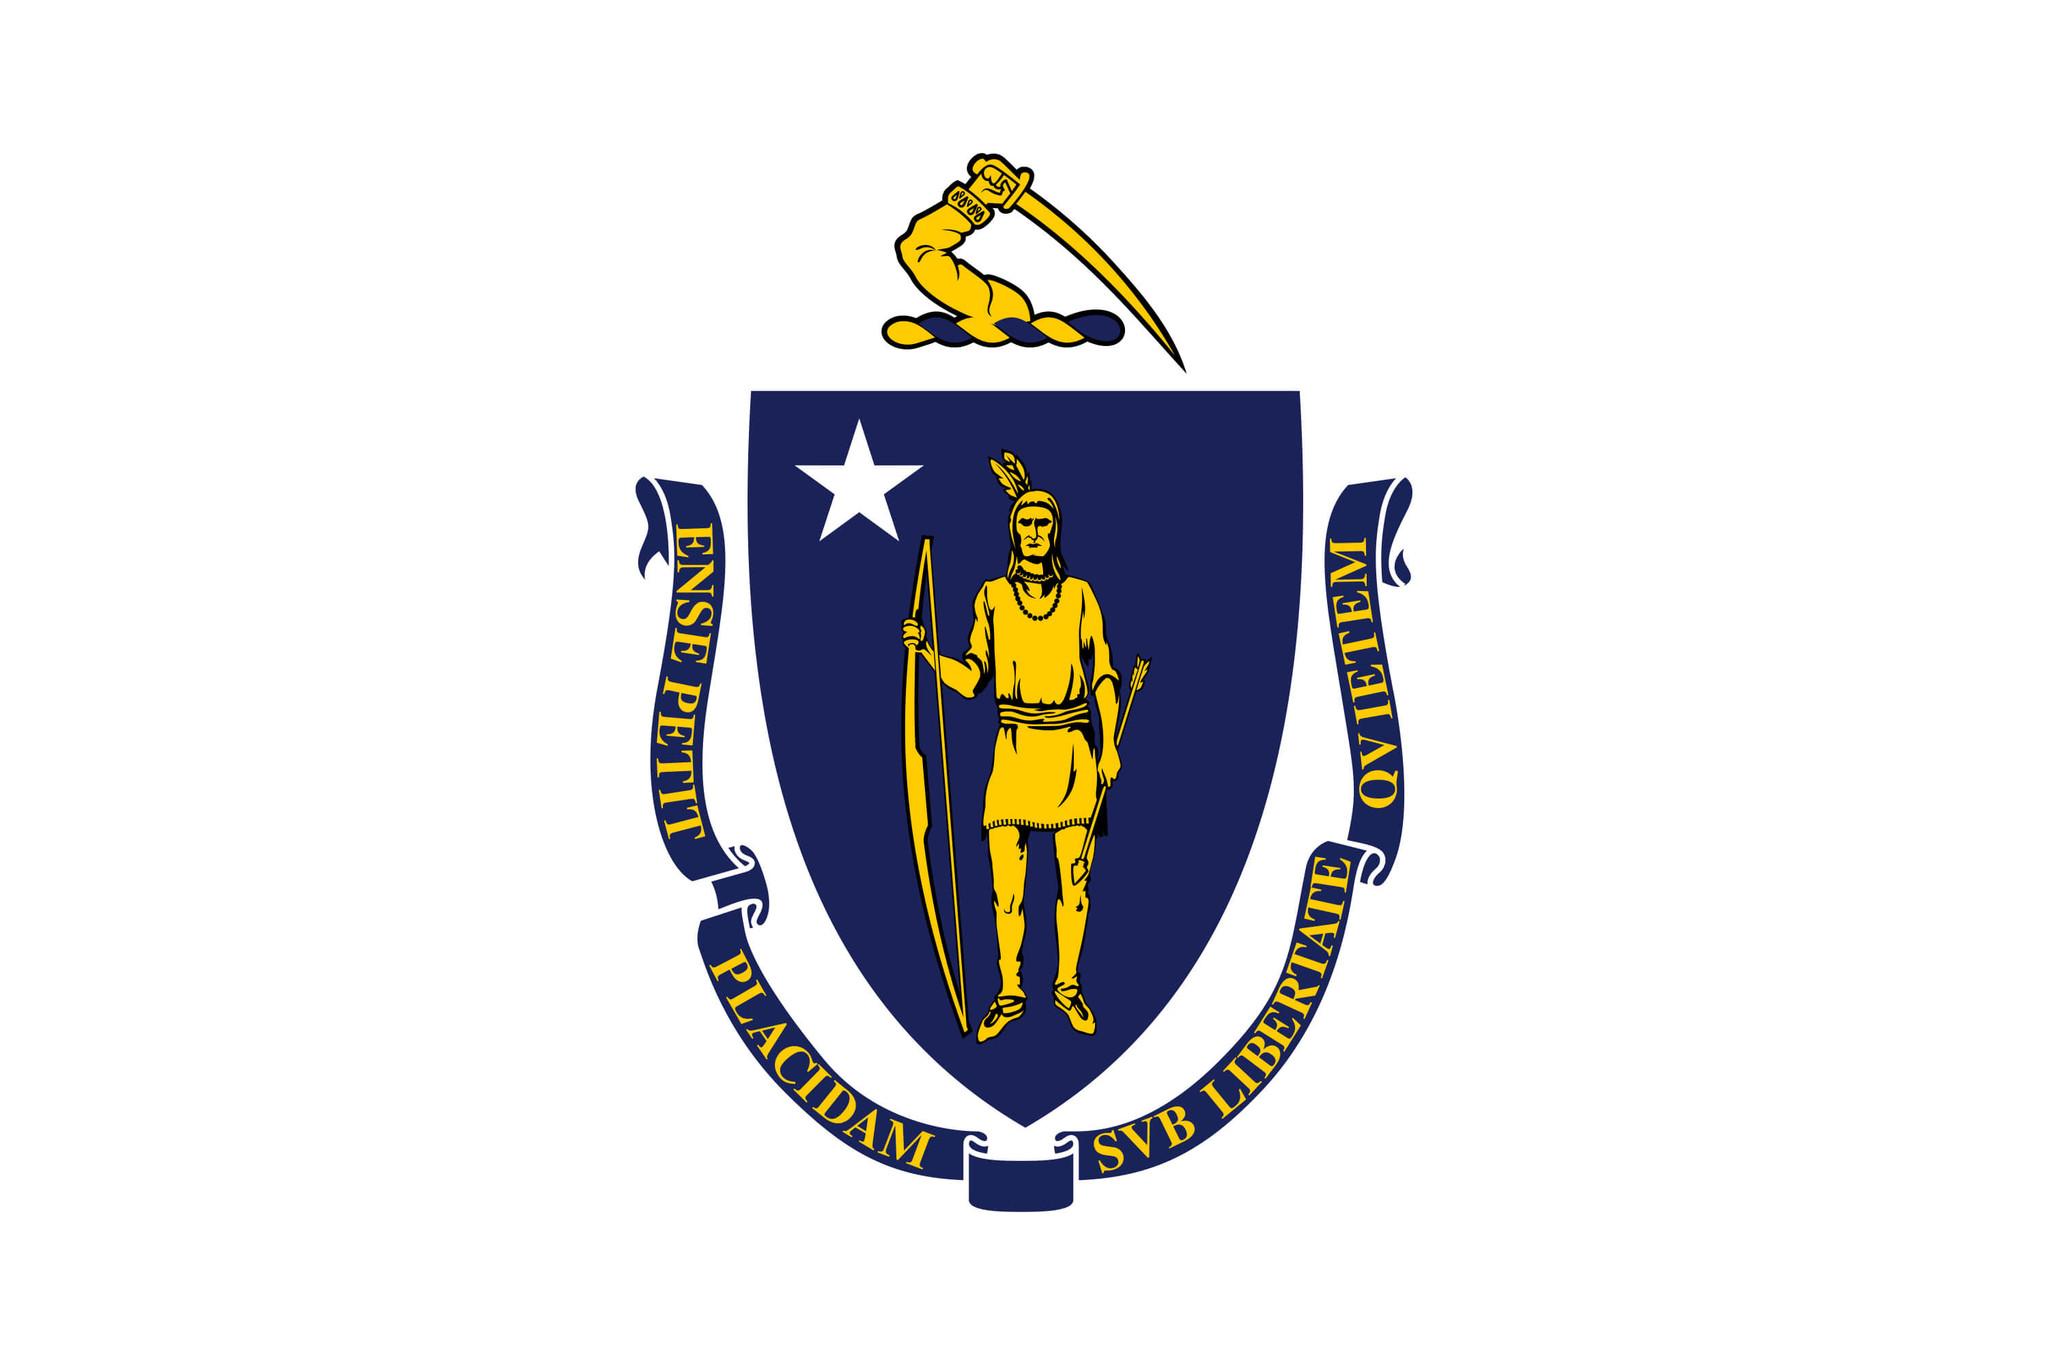 Flagge von Massachusetts